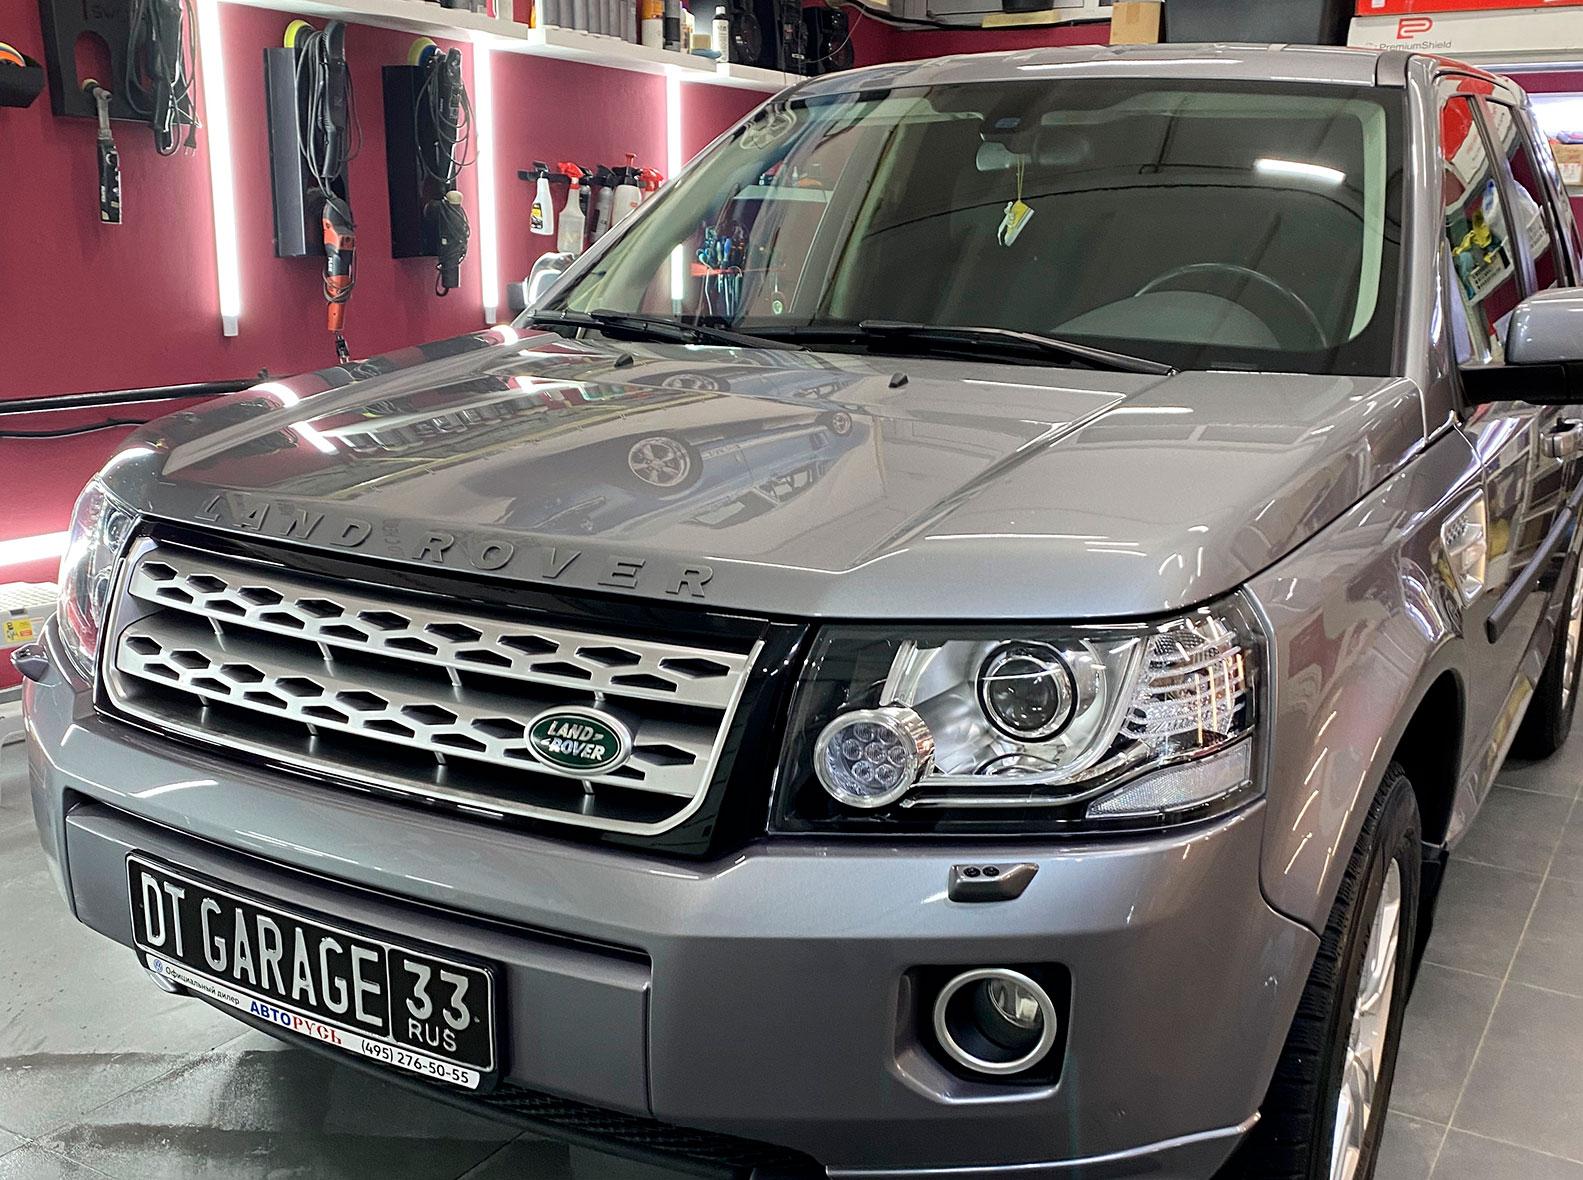 Смотреть на фото, как выглядит Land Rover Freelander после ремонта царапин и сколов.